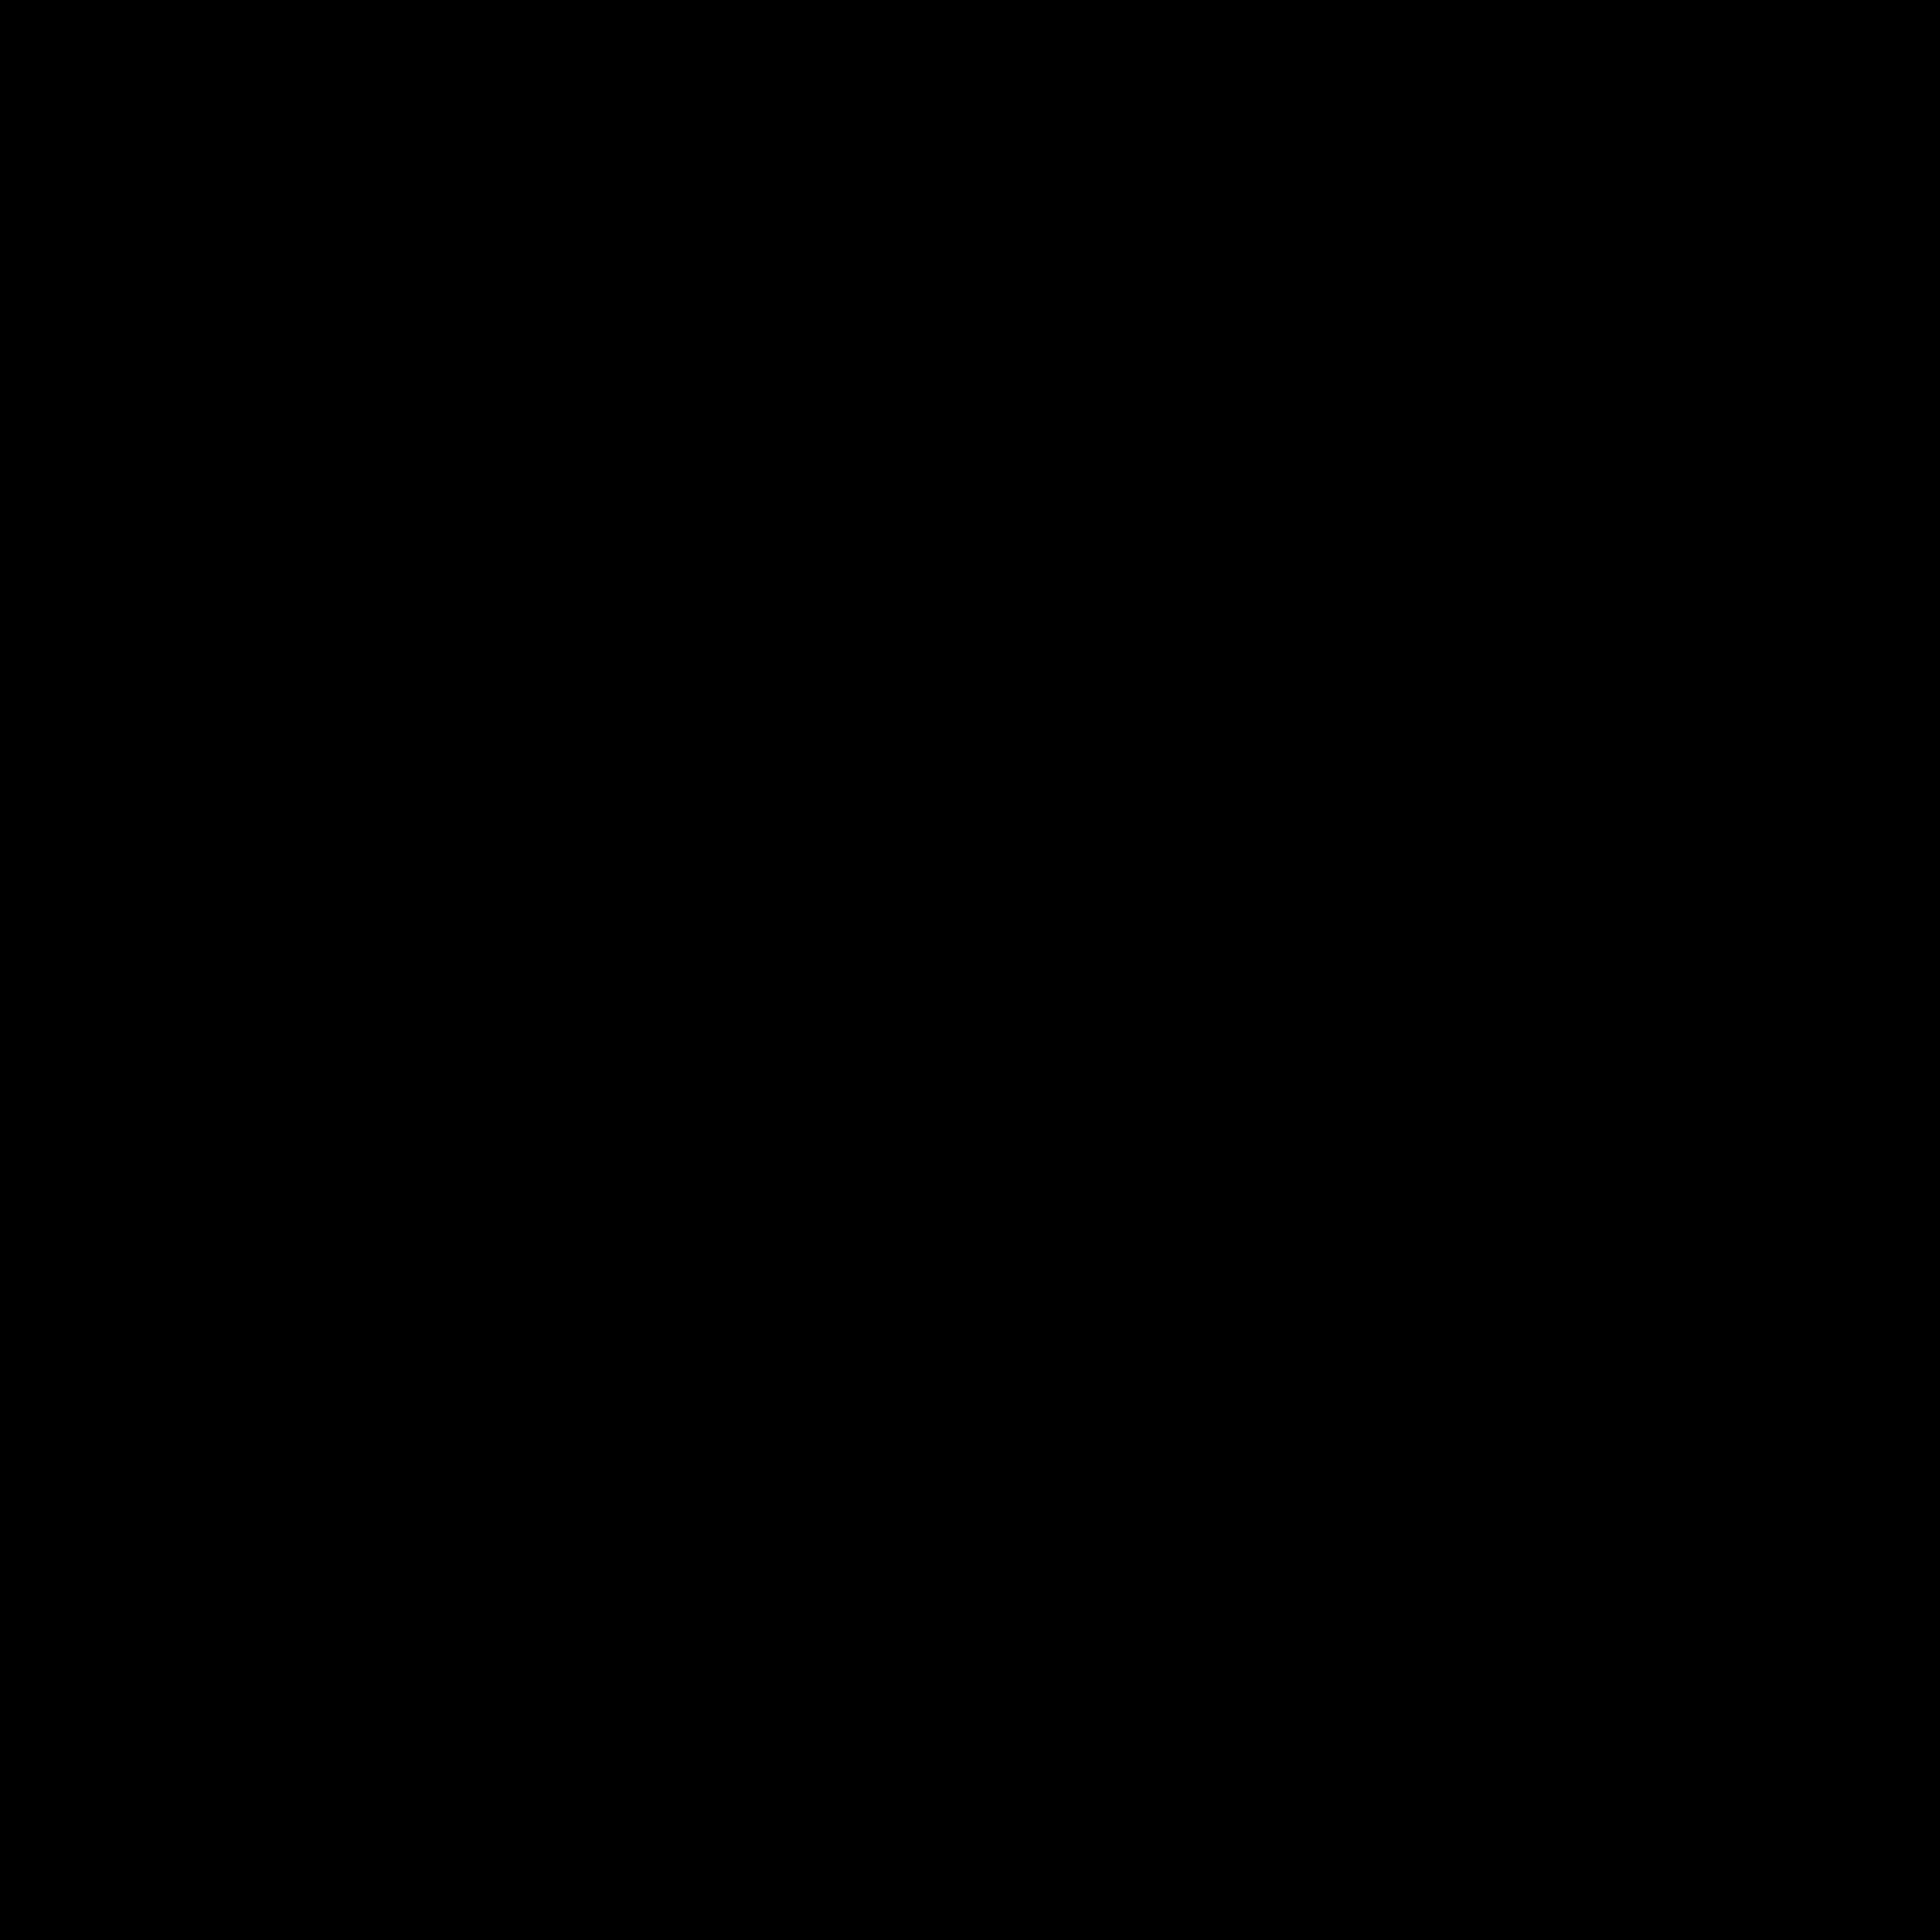 black, kickstarter icon